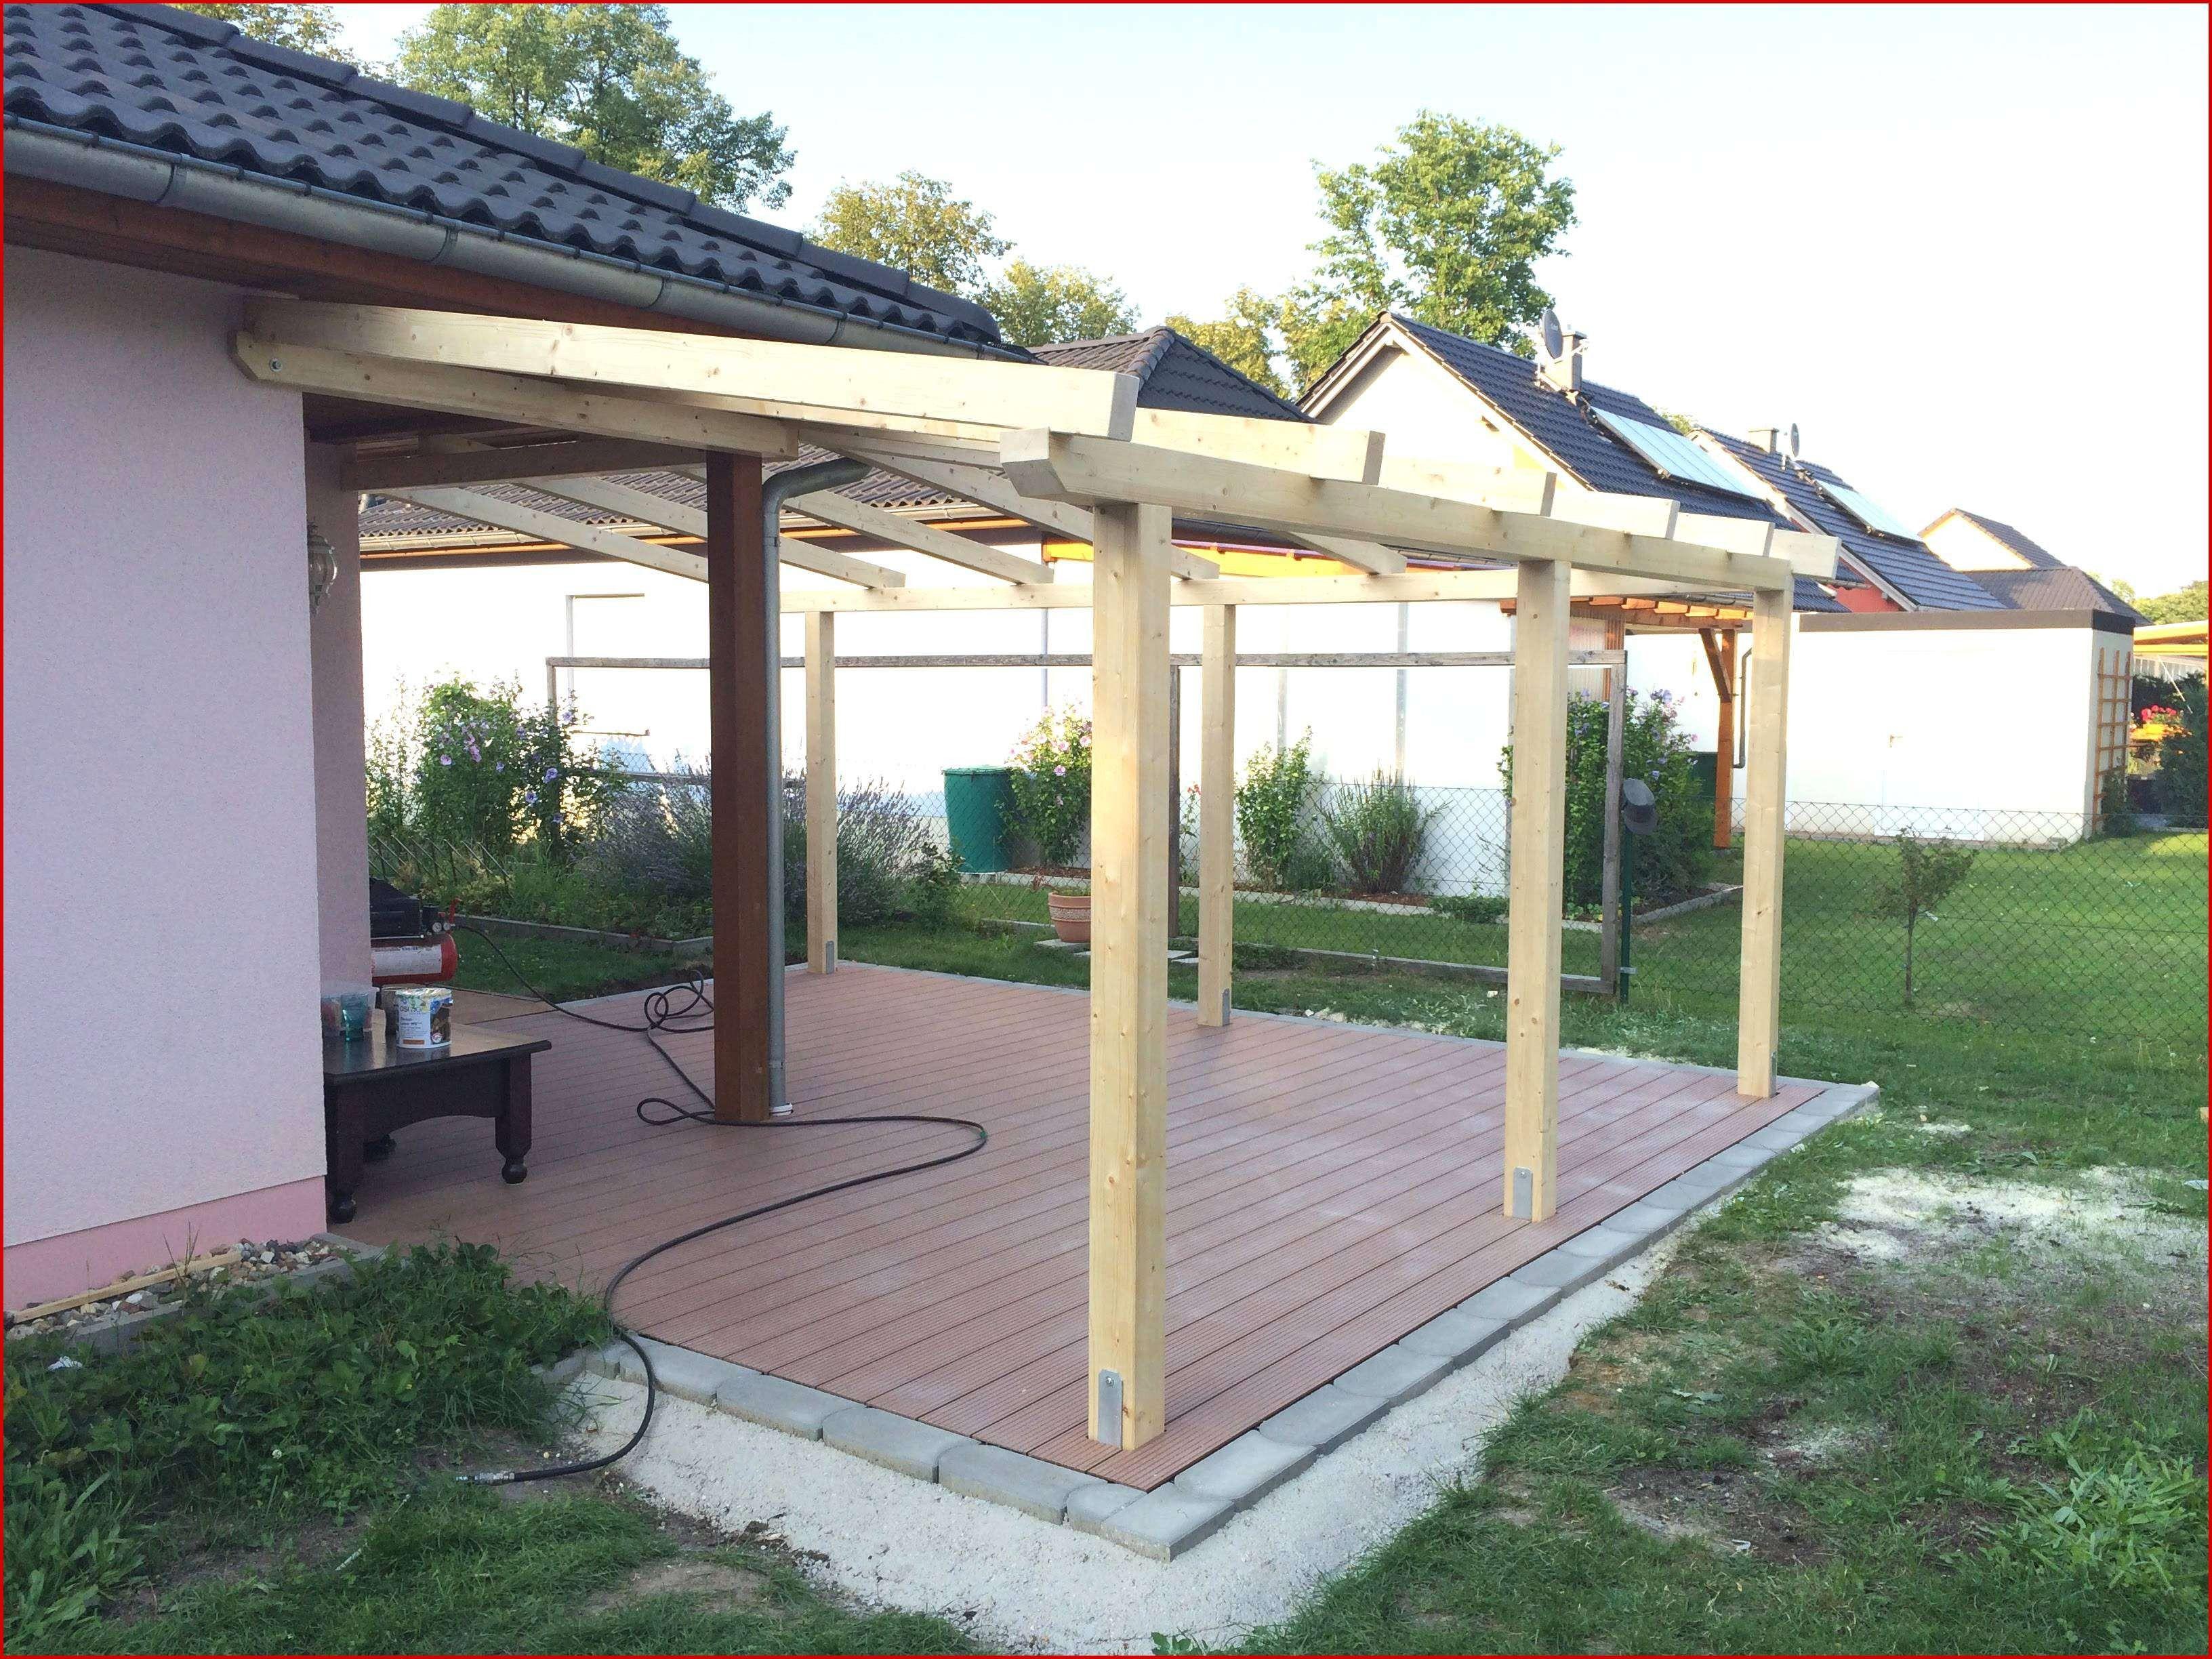 Design 45 Zum Terrassenuberdachung Freistehend Holz Selber Bauen Uberdachung Terrasse Terrassenuberdachung Terrassenuberdachung Holz Selber Bauen